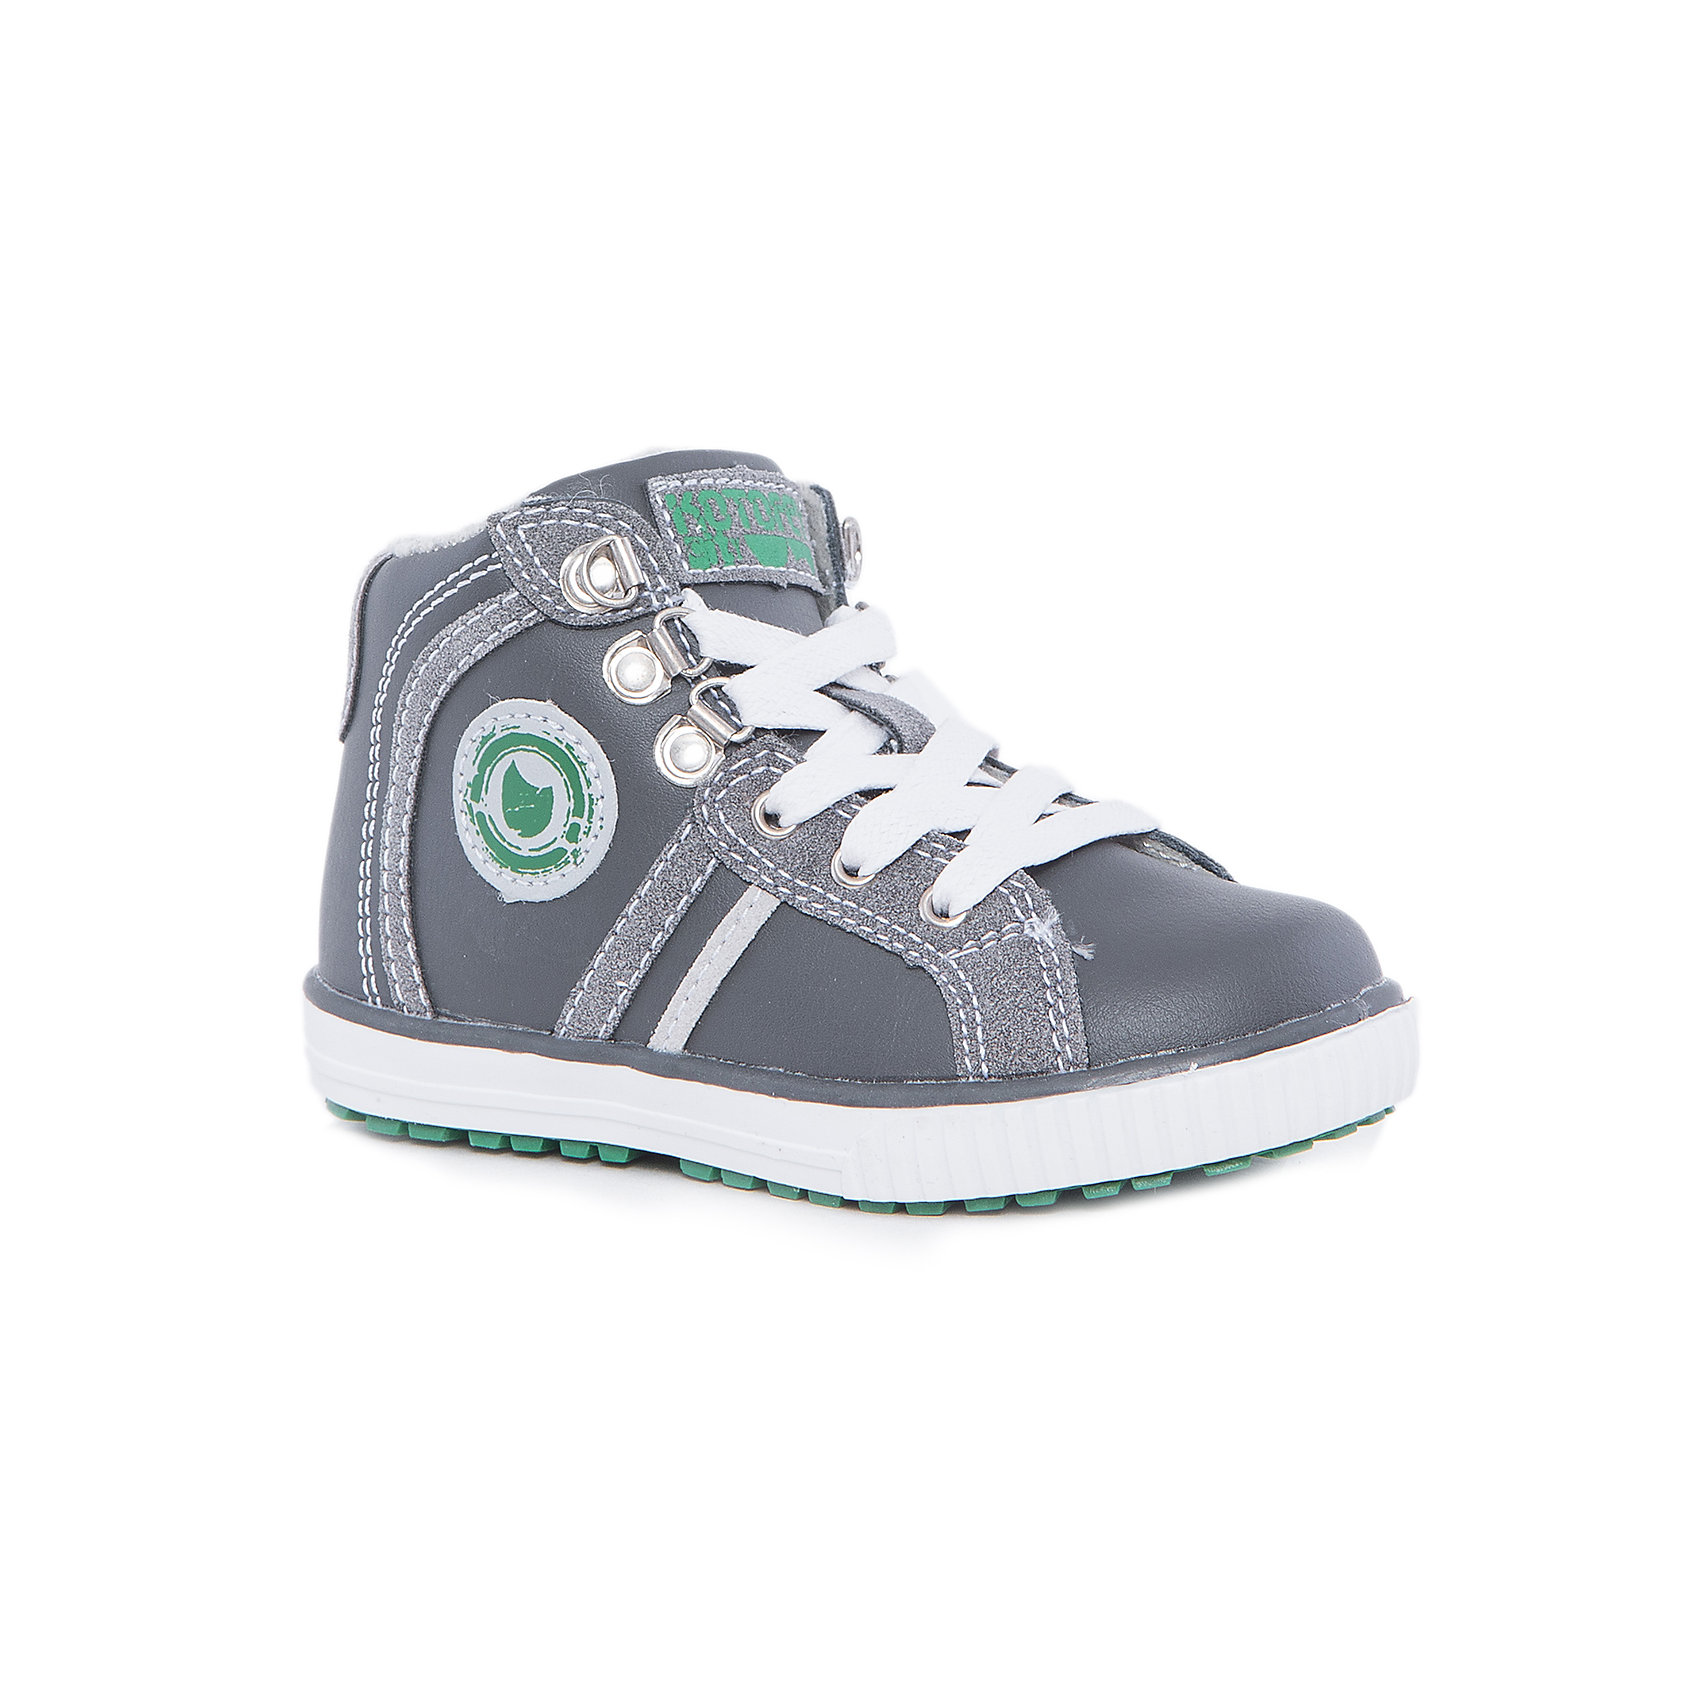 Ботинки для мальчика КотофейБотинки<br>Котофей – качественная и стильная детская обувь по доступным ценам. С каждым днем популярность бренда растет.  С наступлением осенних холодов очень важно выбрать удобную и теплую обувь, которая защитит ножки малыша от промокания, а здоровье от простуды. Стильные серые ботинки на шнуровке – прекрасный выбор обновки гардероба к новому сезону. У модели есть модная отстрочка и аппликация с принтом.<br><br>Дополнительная информация:<br><br>цвет: серый;<br>вид крепления: на клею;<br>застежка: шнуровка;<br>температурный режим: от 0° С до +15° С.<br><br>Состав:<br>материал верха – комбинированный;<br>материал подклада – байка;<br>подошва – ТЭП.<br><br>Осенние ботиночки для мальчика дошкольного возраста из искусственной кожи от фирмы Котофей можно приобрести в нашем магазине.<br><br>Ширина мм: 262<br>Глубина мм: 176<br>Высота мм: 97<br>Вес г: 427<br>Цвет: серый<br>Возраст от месяцев: 36<br>Возраст до месяцев: 48<br>Пол: Мужской<br>Возраст: Детский<br>Размер: 27,26,25,28,29<br>SKU: 4982032